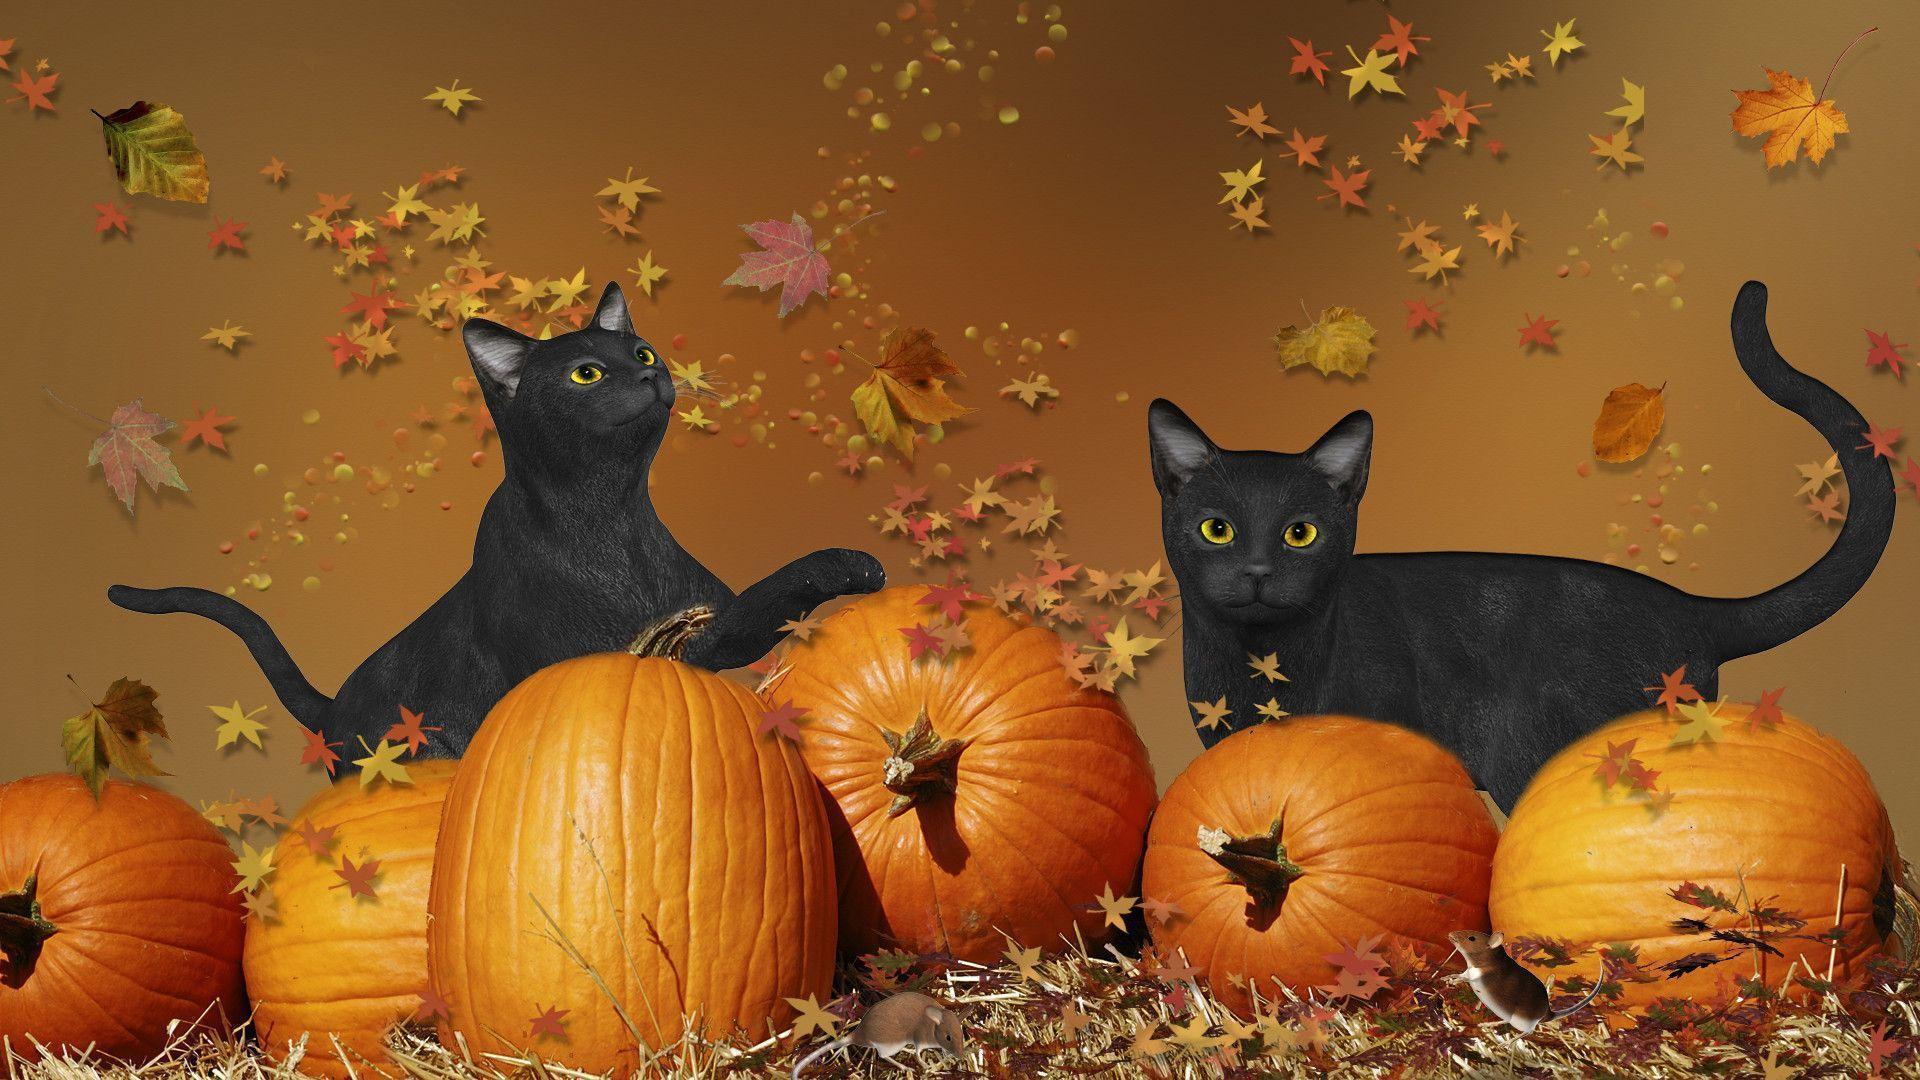 halloween cat wallpapers wallpaper cave